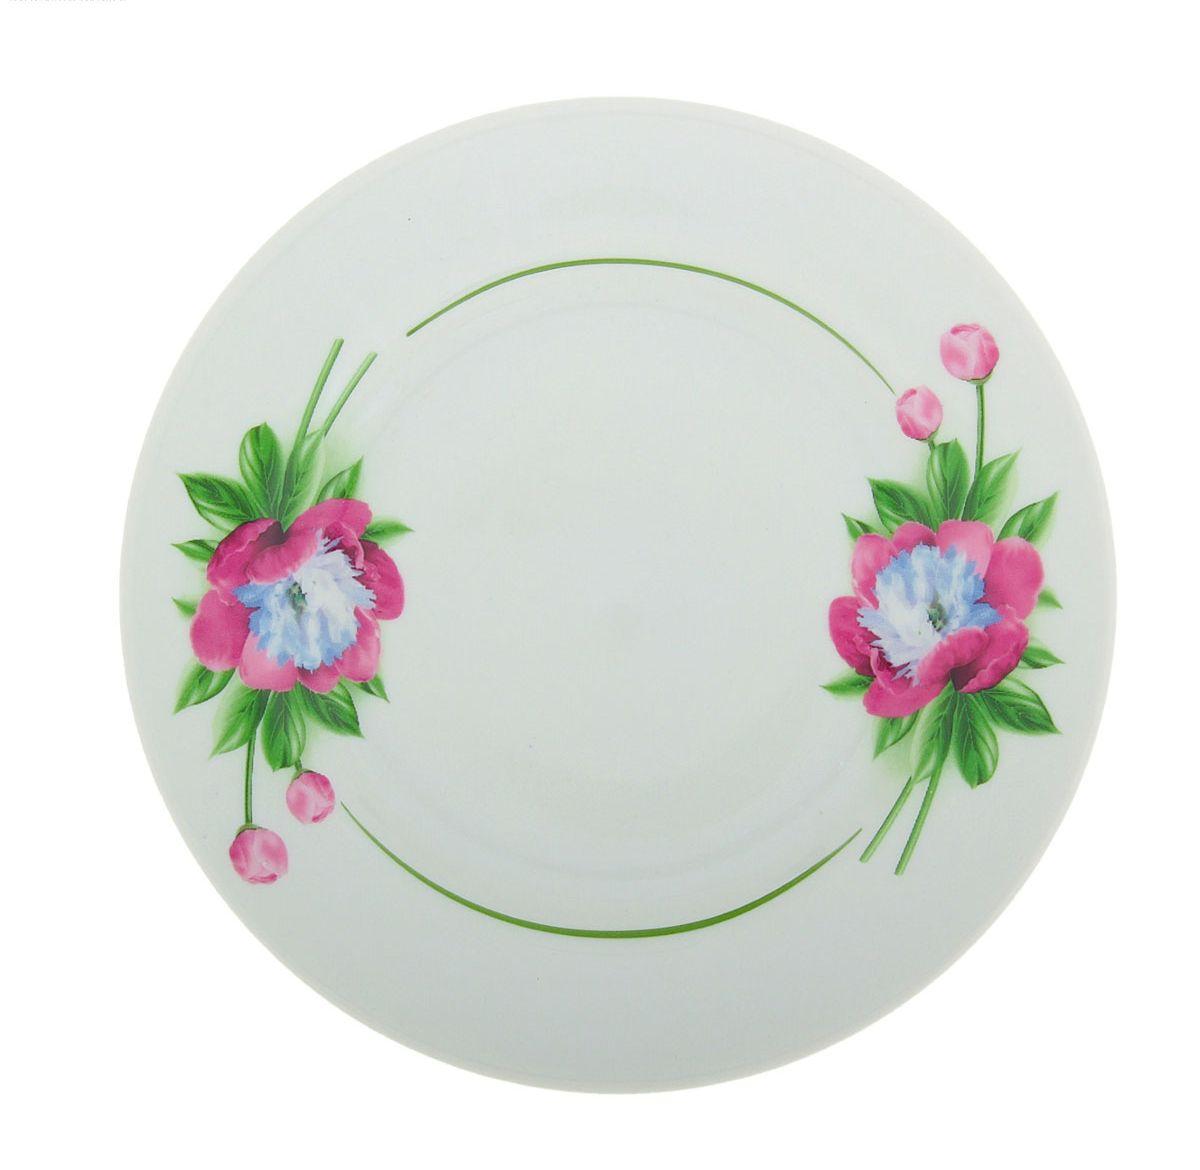 Тарелка мелкая Идиллия. Пион, диаметр 17 см. 507733507733Мелкая тарелка Идиллия. Пион выполнена из высококачественного фарфора и украшена ярким рисунком. Она прекрасно впишется в интерьер вашей кухни и станет достойным дополнением к кухонному инвентарю. Тарелка Идиллия. Пион подчеркнет прекрасный вкус хозяйки и станет отличным подарком. Диаметр тарелки: 17 см.